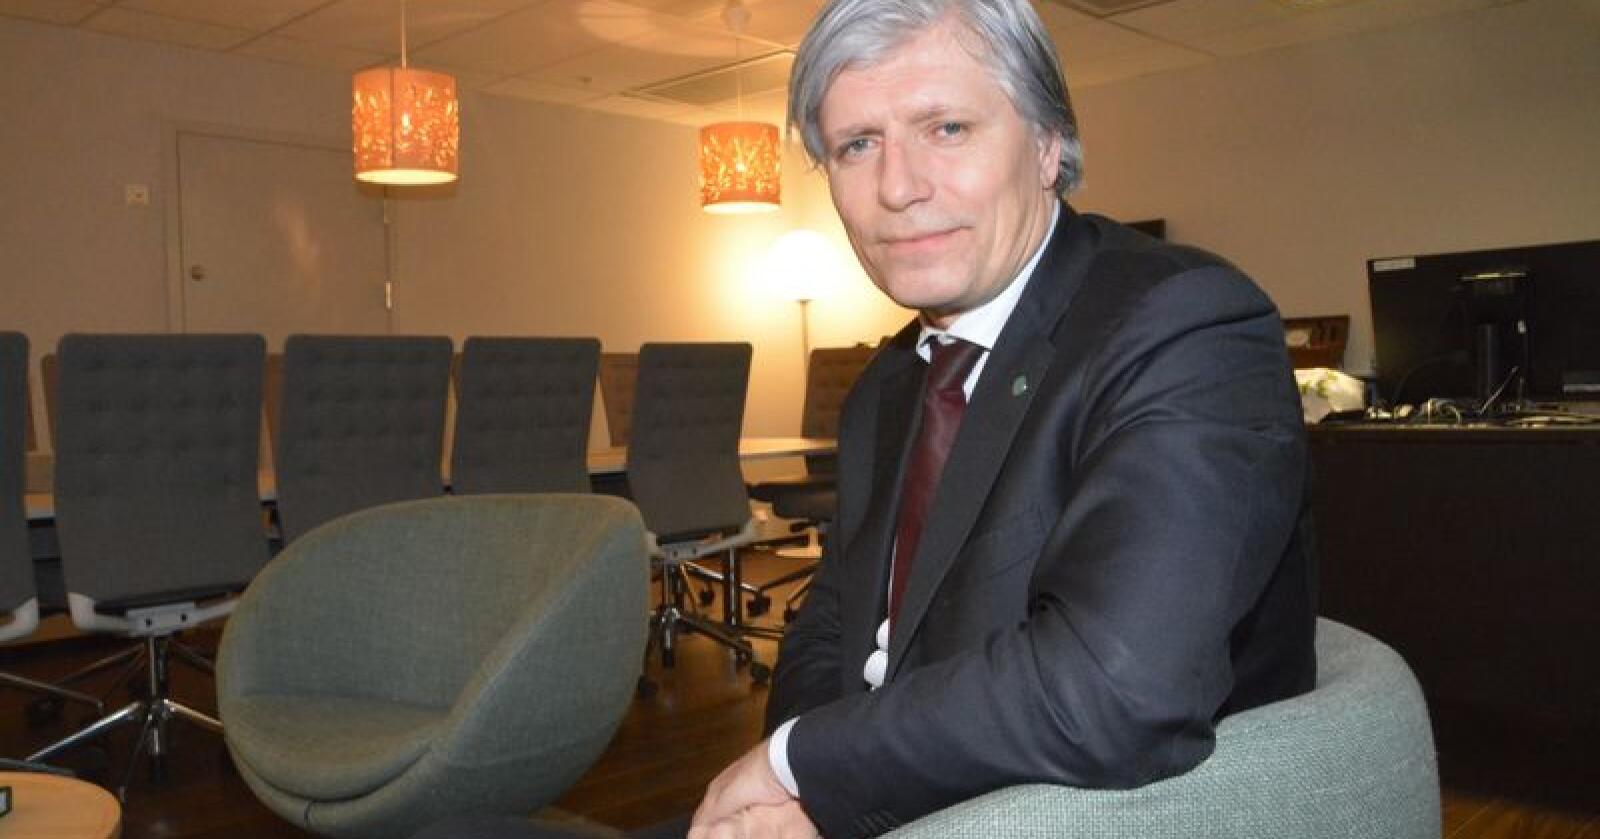 Klima- og miljøminister Ola Elvestuen (V) lovet gode erstatningspenger til suebøndene som er rammet, men fremmet selv få nye konkrete tiltak under søndagens møte. Arkivfoto: Anders Sandbu